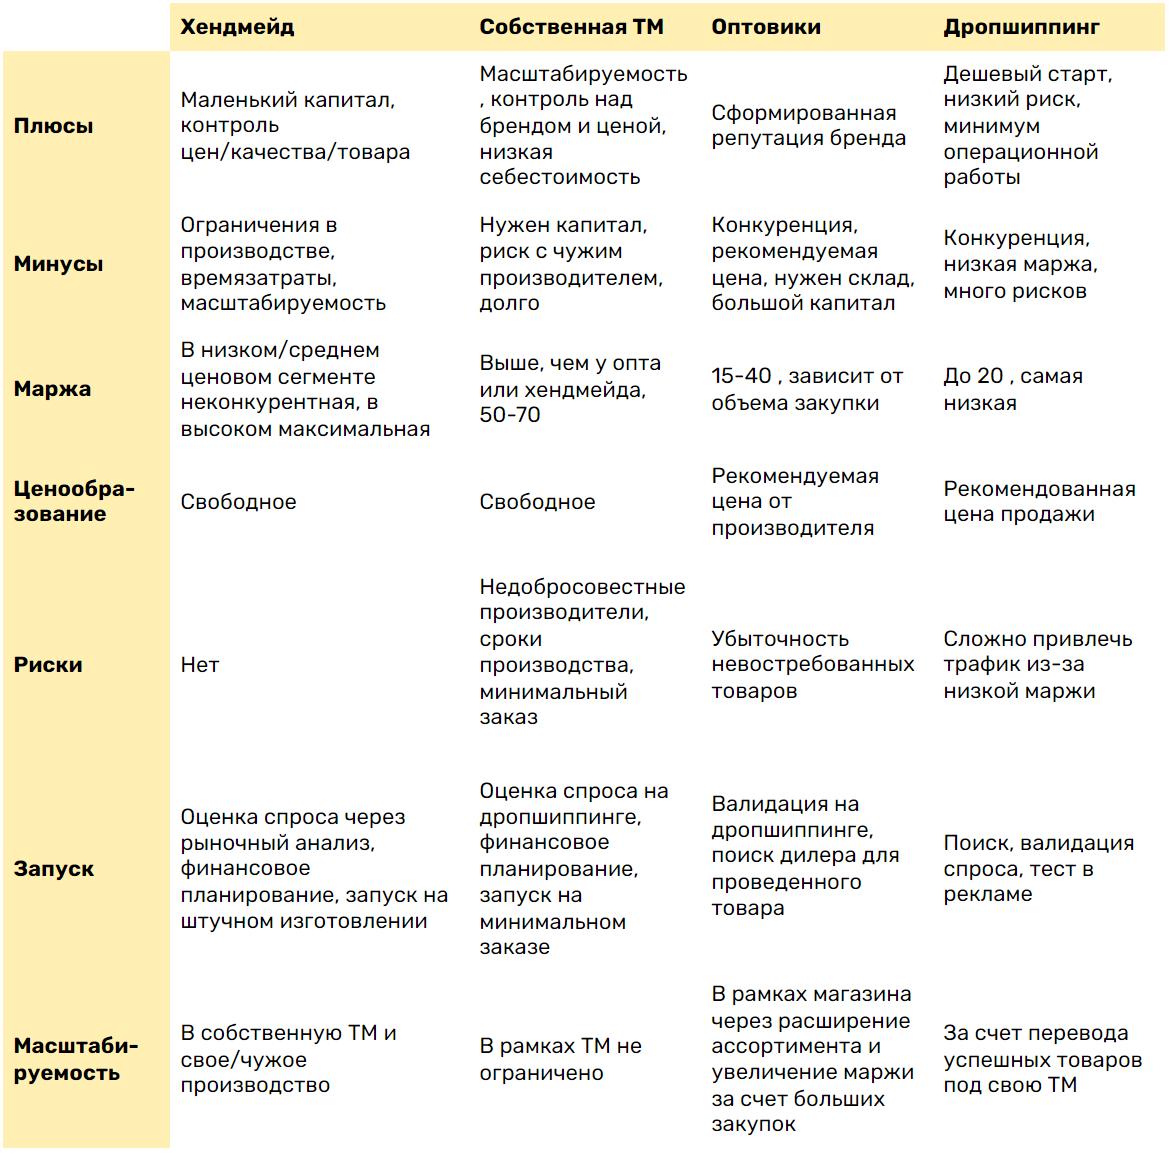 Сравнительная таблица моделей бизнеса